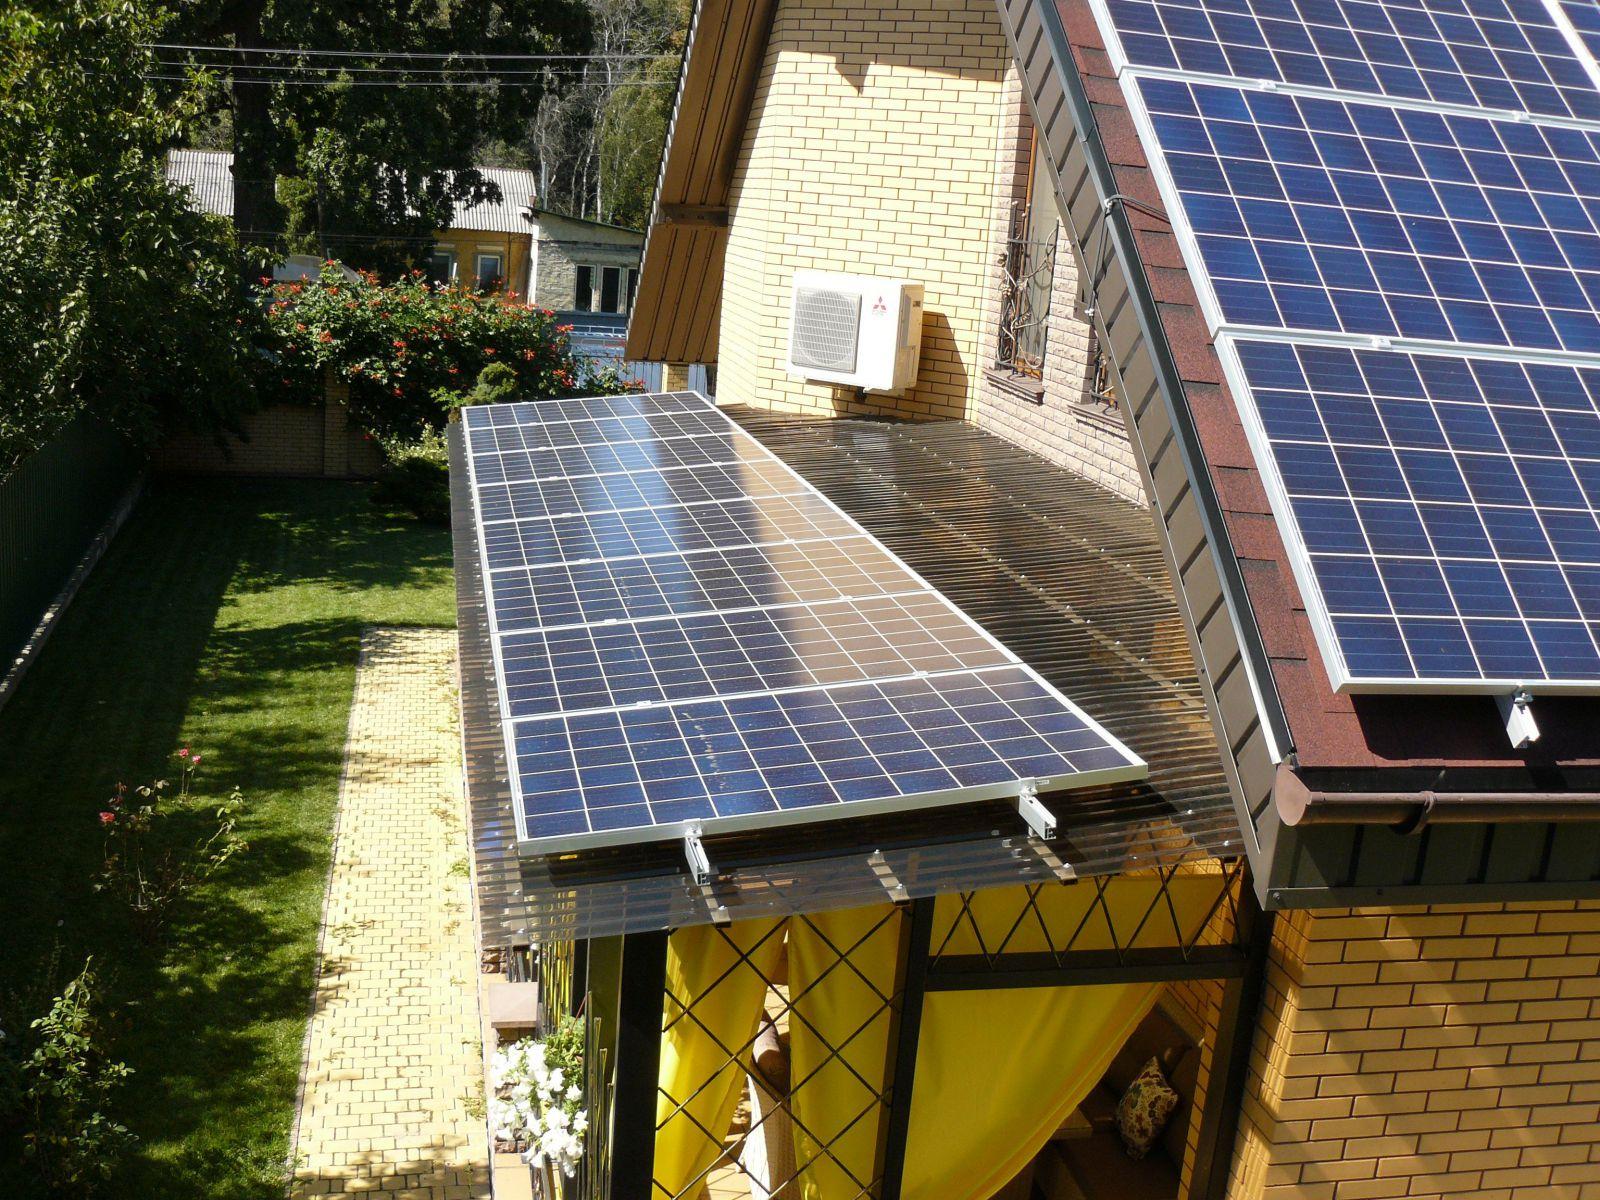 Установка солнечных батарей: установка и монтаж в частном доме